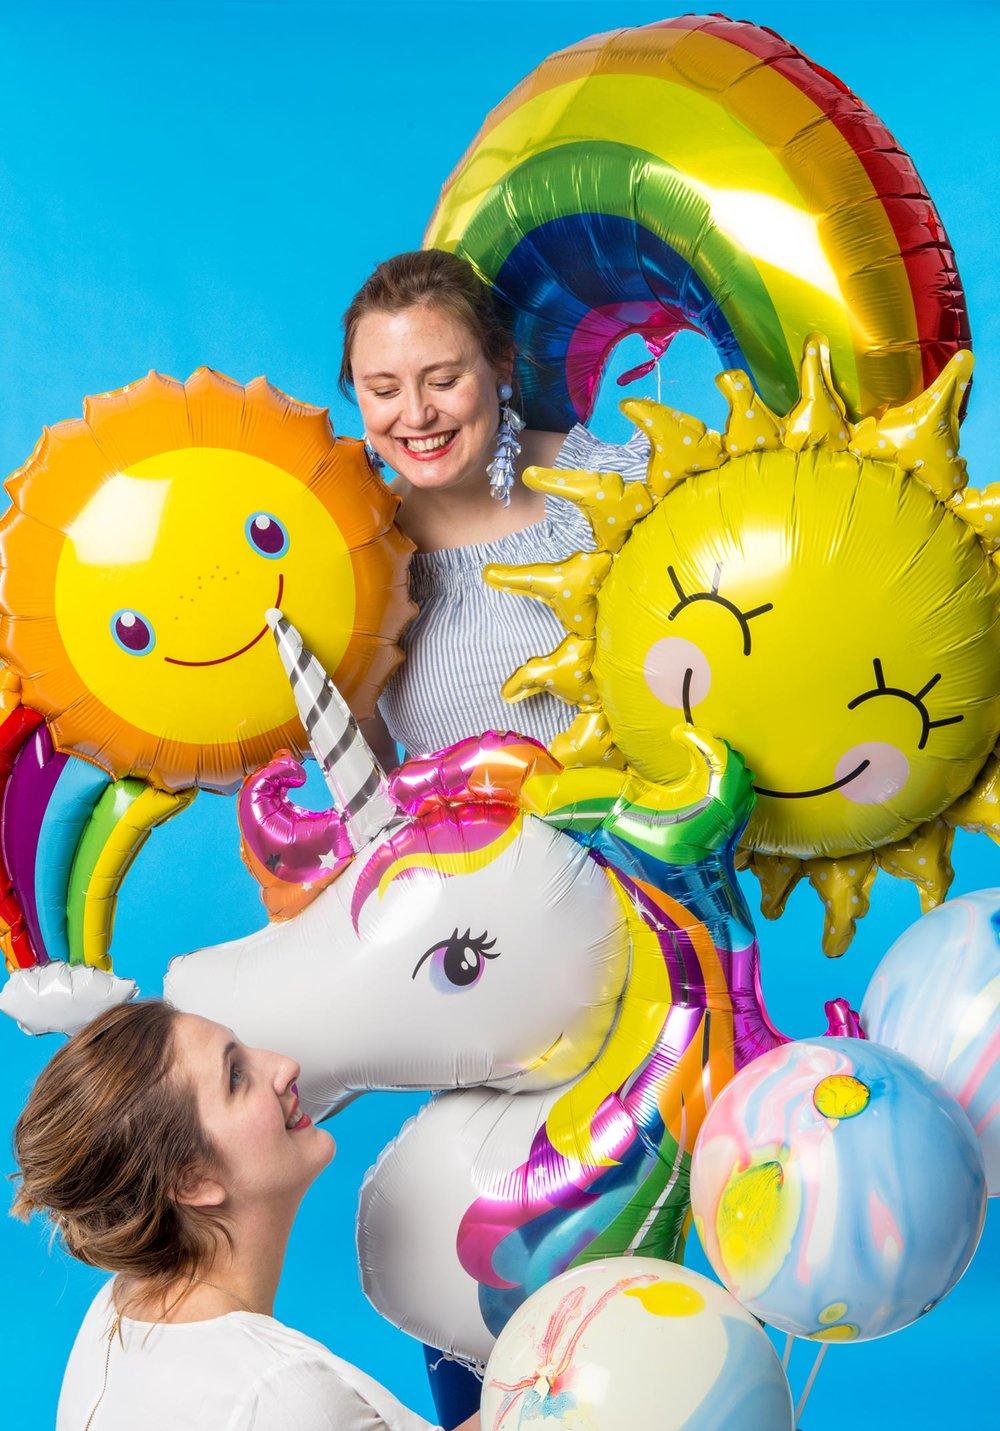 Regnbågsballonger